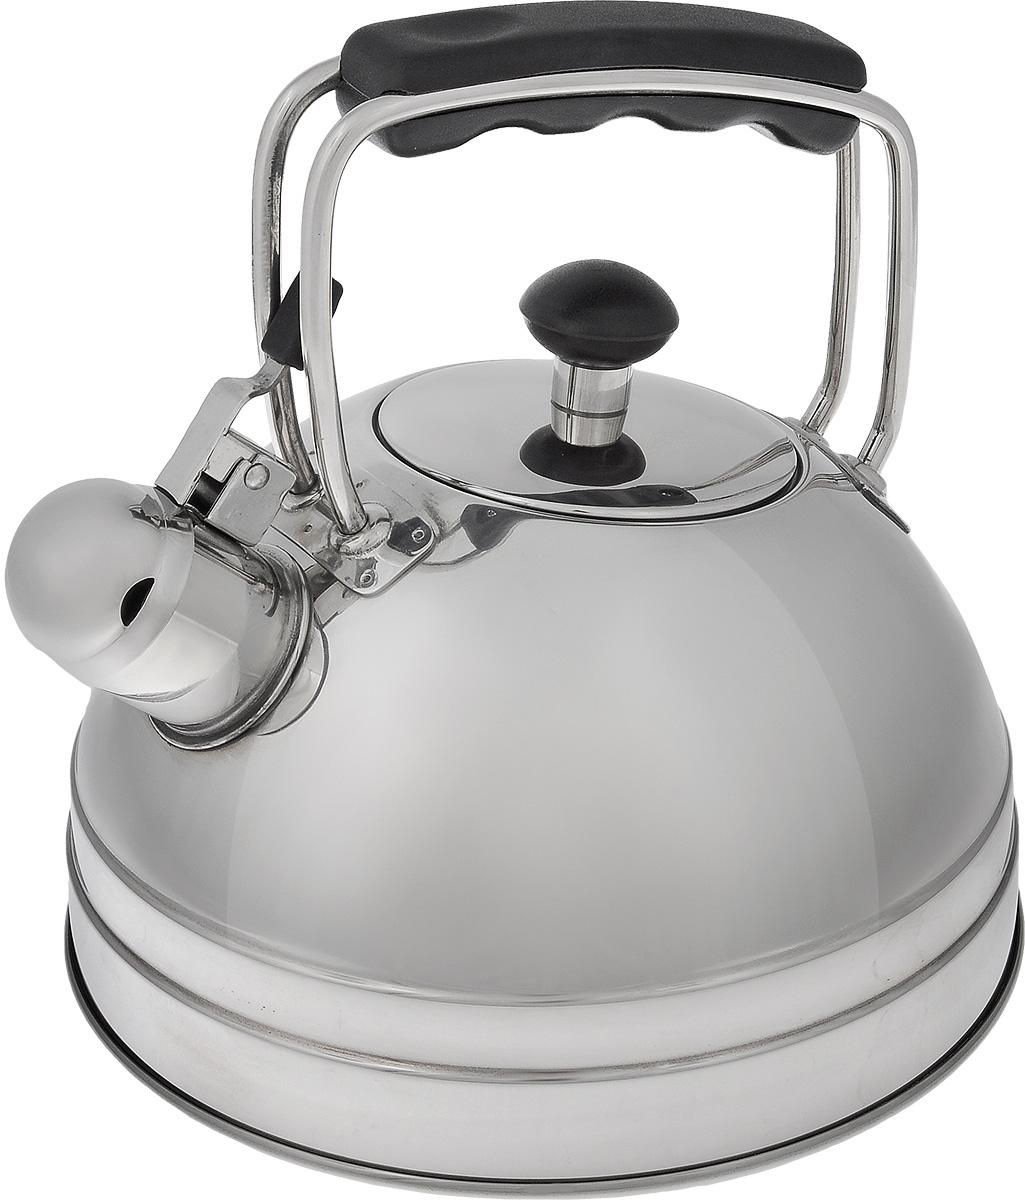 Чайник со свистком Vitesse Odina, 2,5 лVS-1105Чайник Vitesse Odina выполнен из высококачественной нержавеющей стали 18/10 с зеркальной полировкой. Капсулированное дно с прослойкой из алюминия обеспечивает наилучшее распределение тепла. Носик чайника оснащен откидной насадкой-свистком, что позволит вам контролировать процесс подогрева или кипячения воды. Ручка чайника изготовлена из бакелита. Она имеет фиксированное положение. Чайник Vitesse Odina подходит для использования на всех типах плит. Также изделие можно мыть в посудомоечной машине.